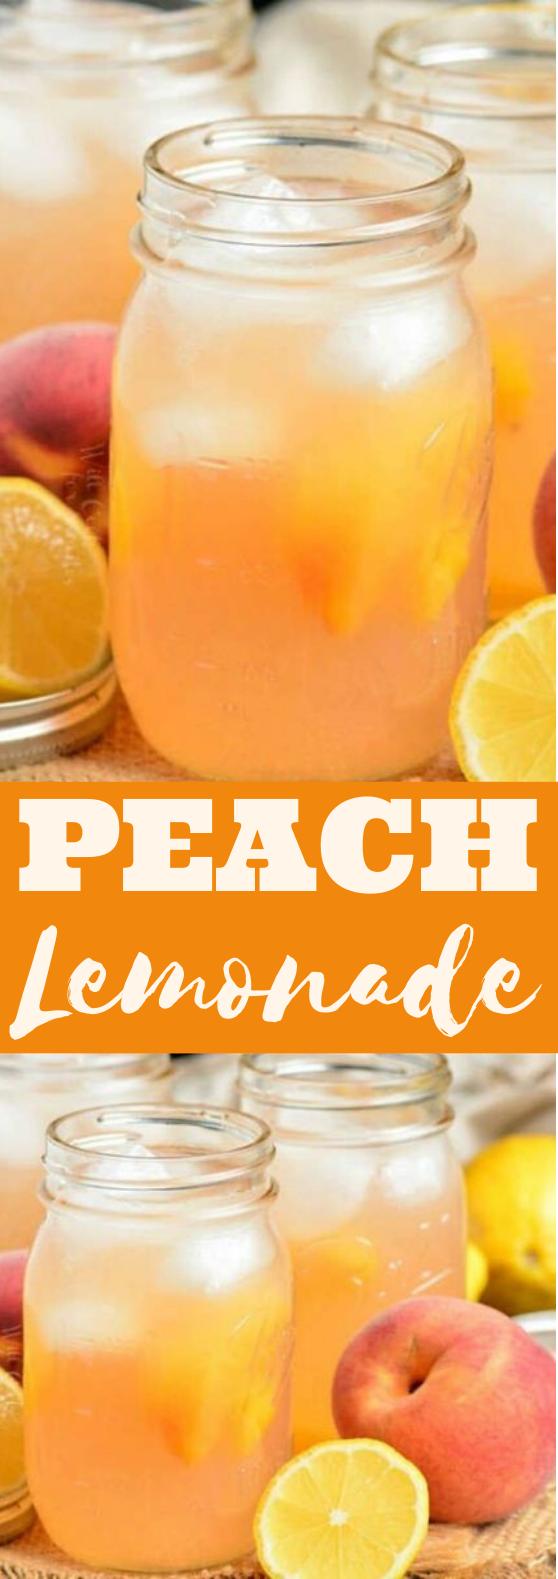 Peach Lemonade #drinks #recipe #refreshing #lemonade #beverages